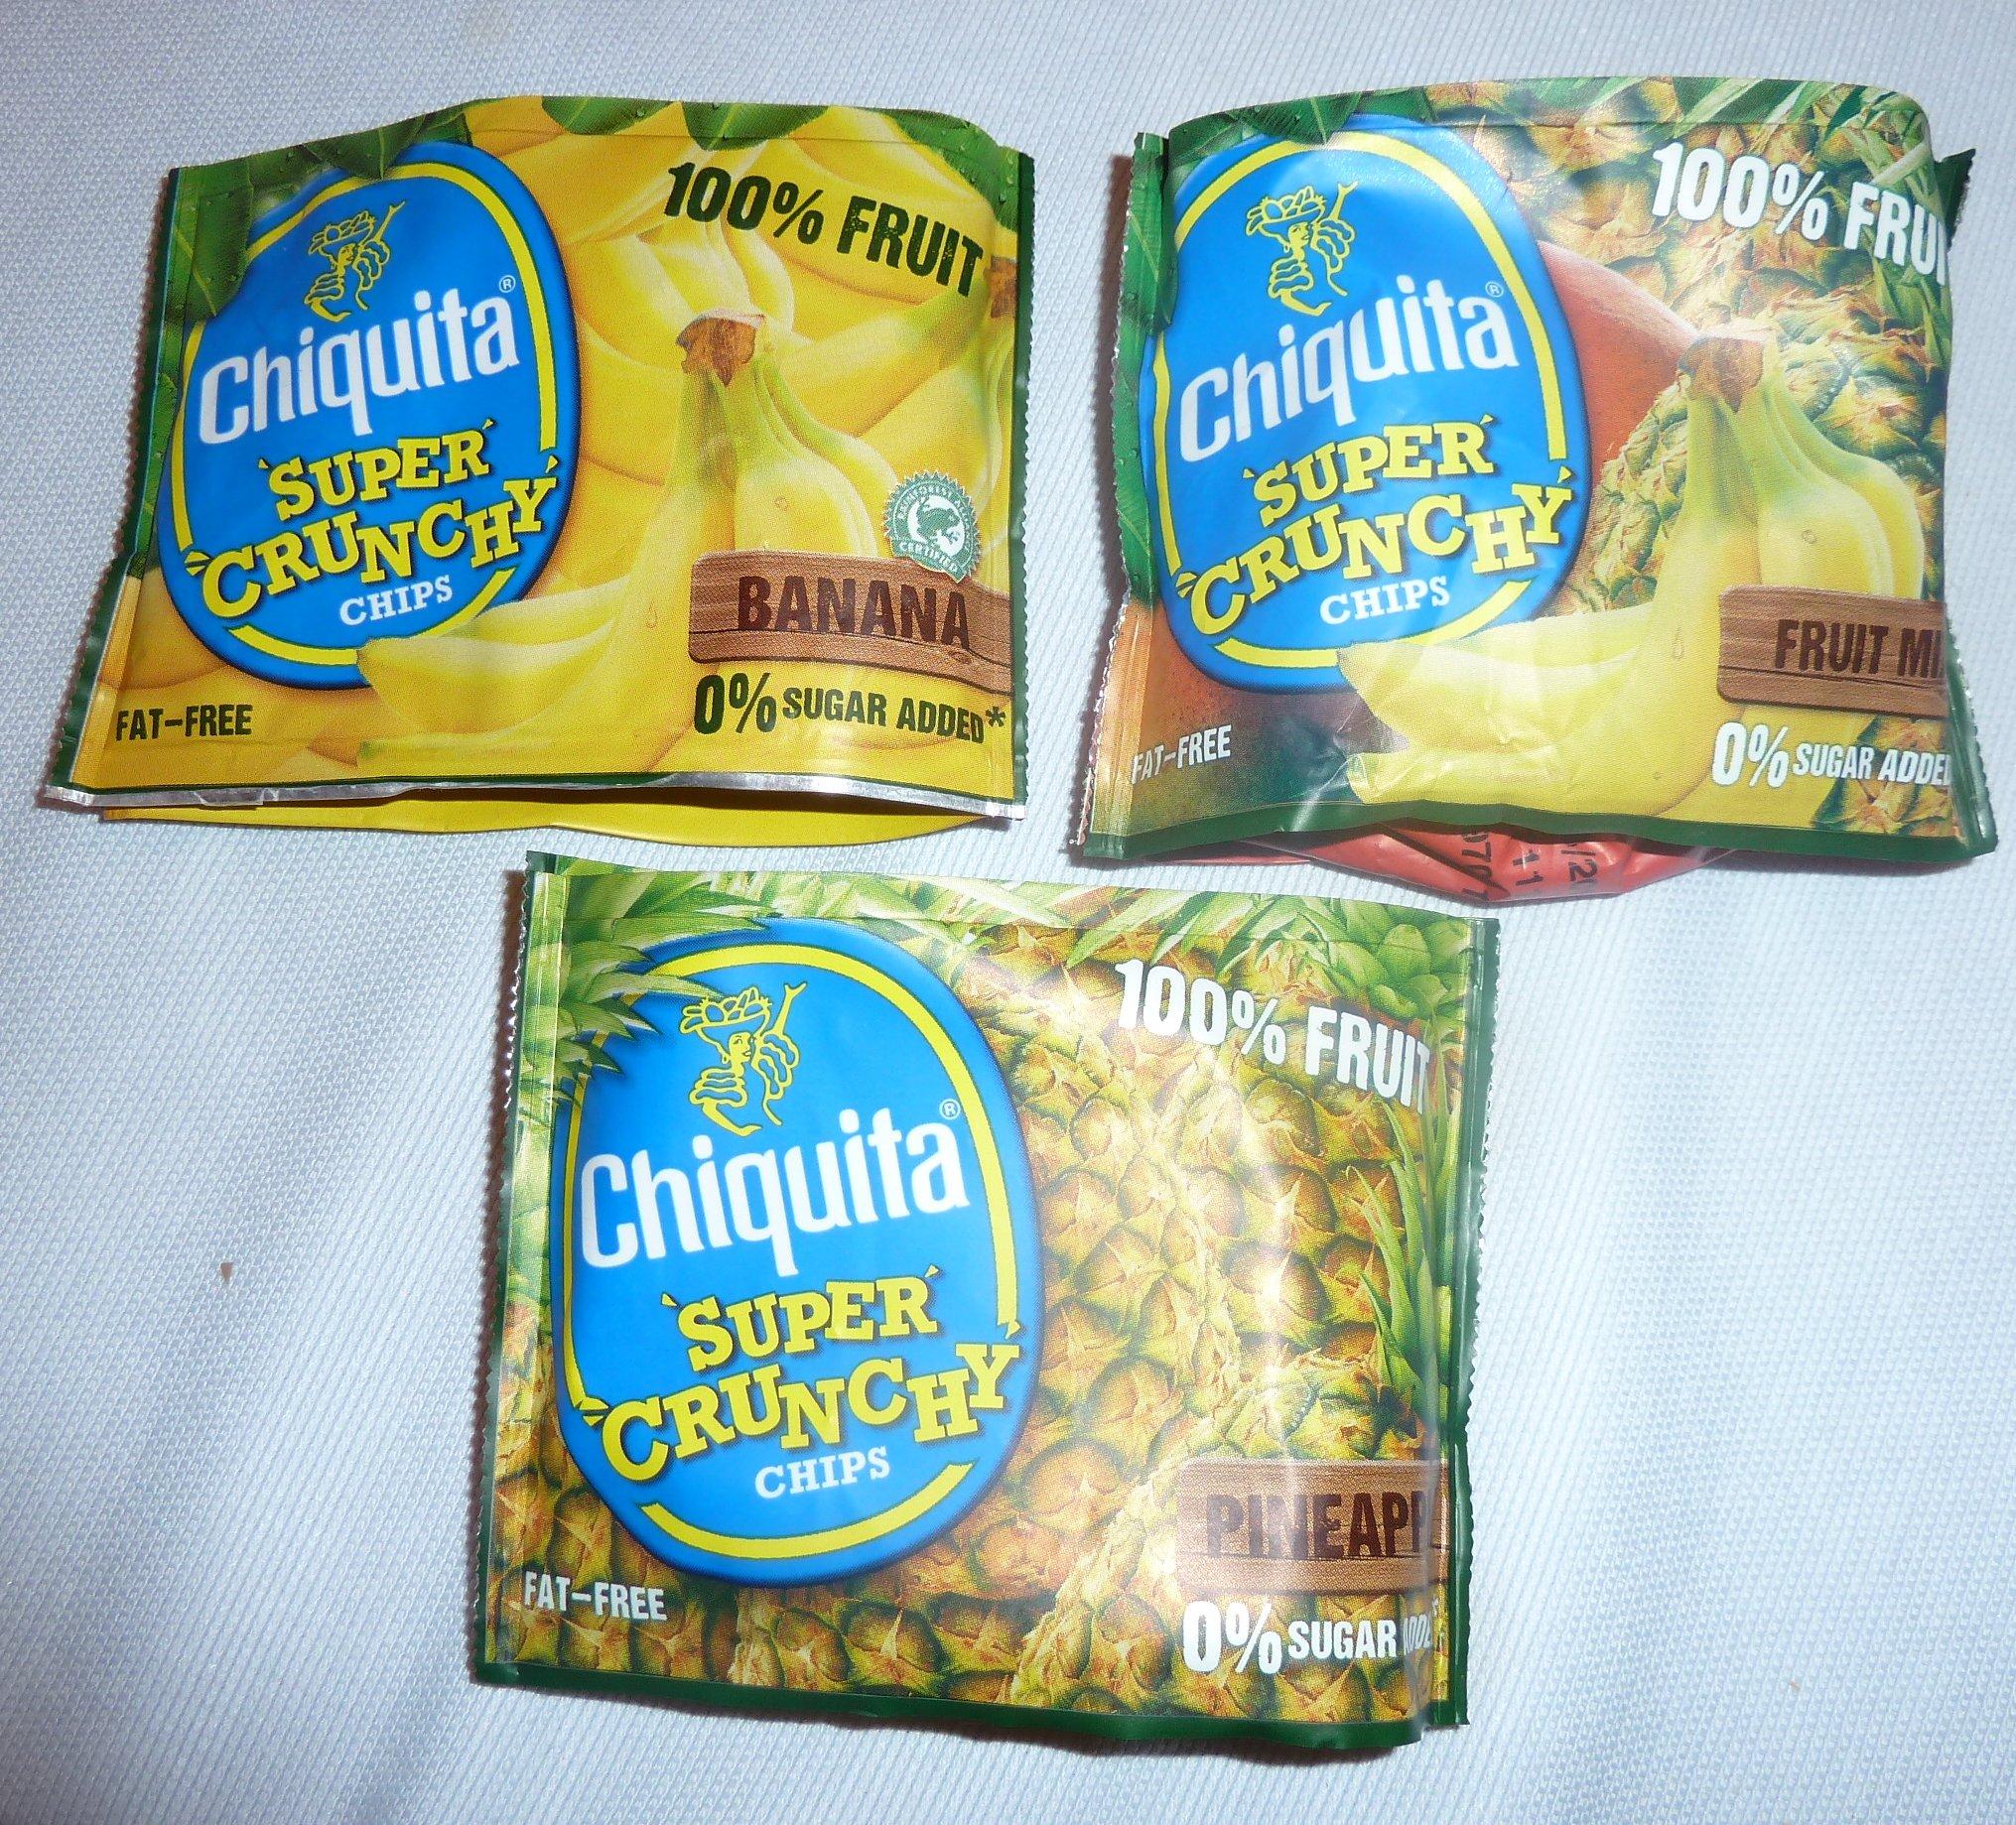 Chiquita.com - Recipes